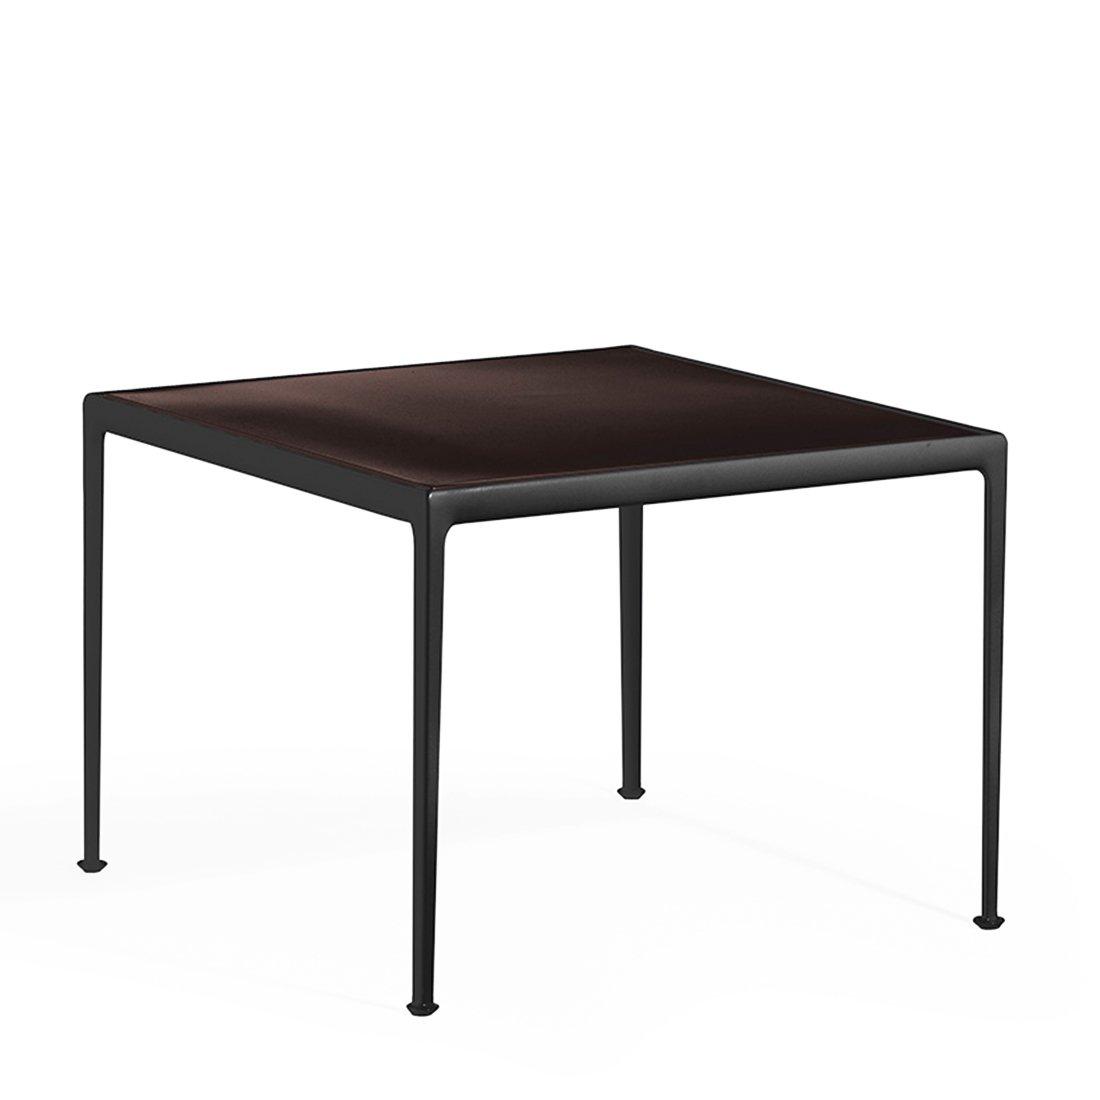 Knoll 1966 Eettafel - 96.5 x 96.5 cm. Onyx/Donkerbrons